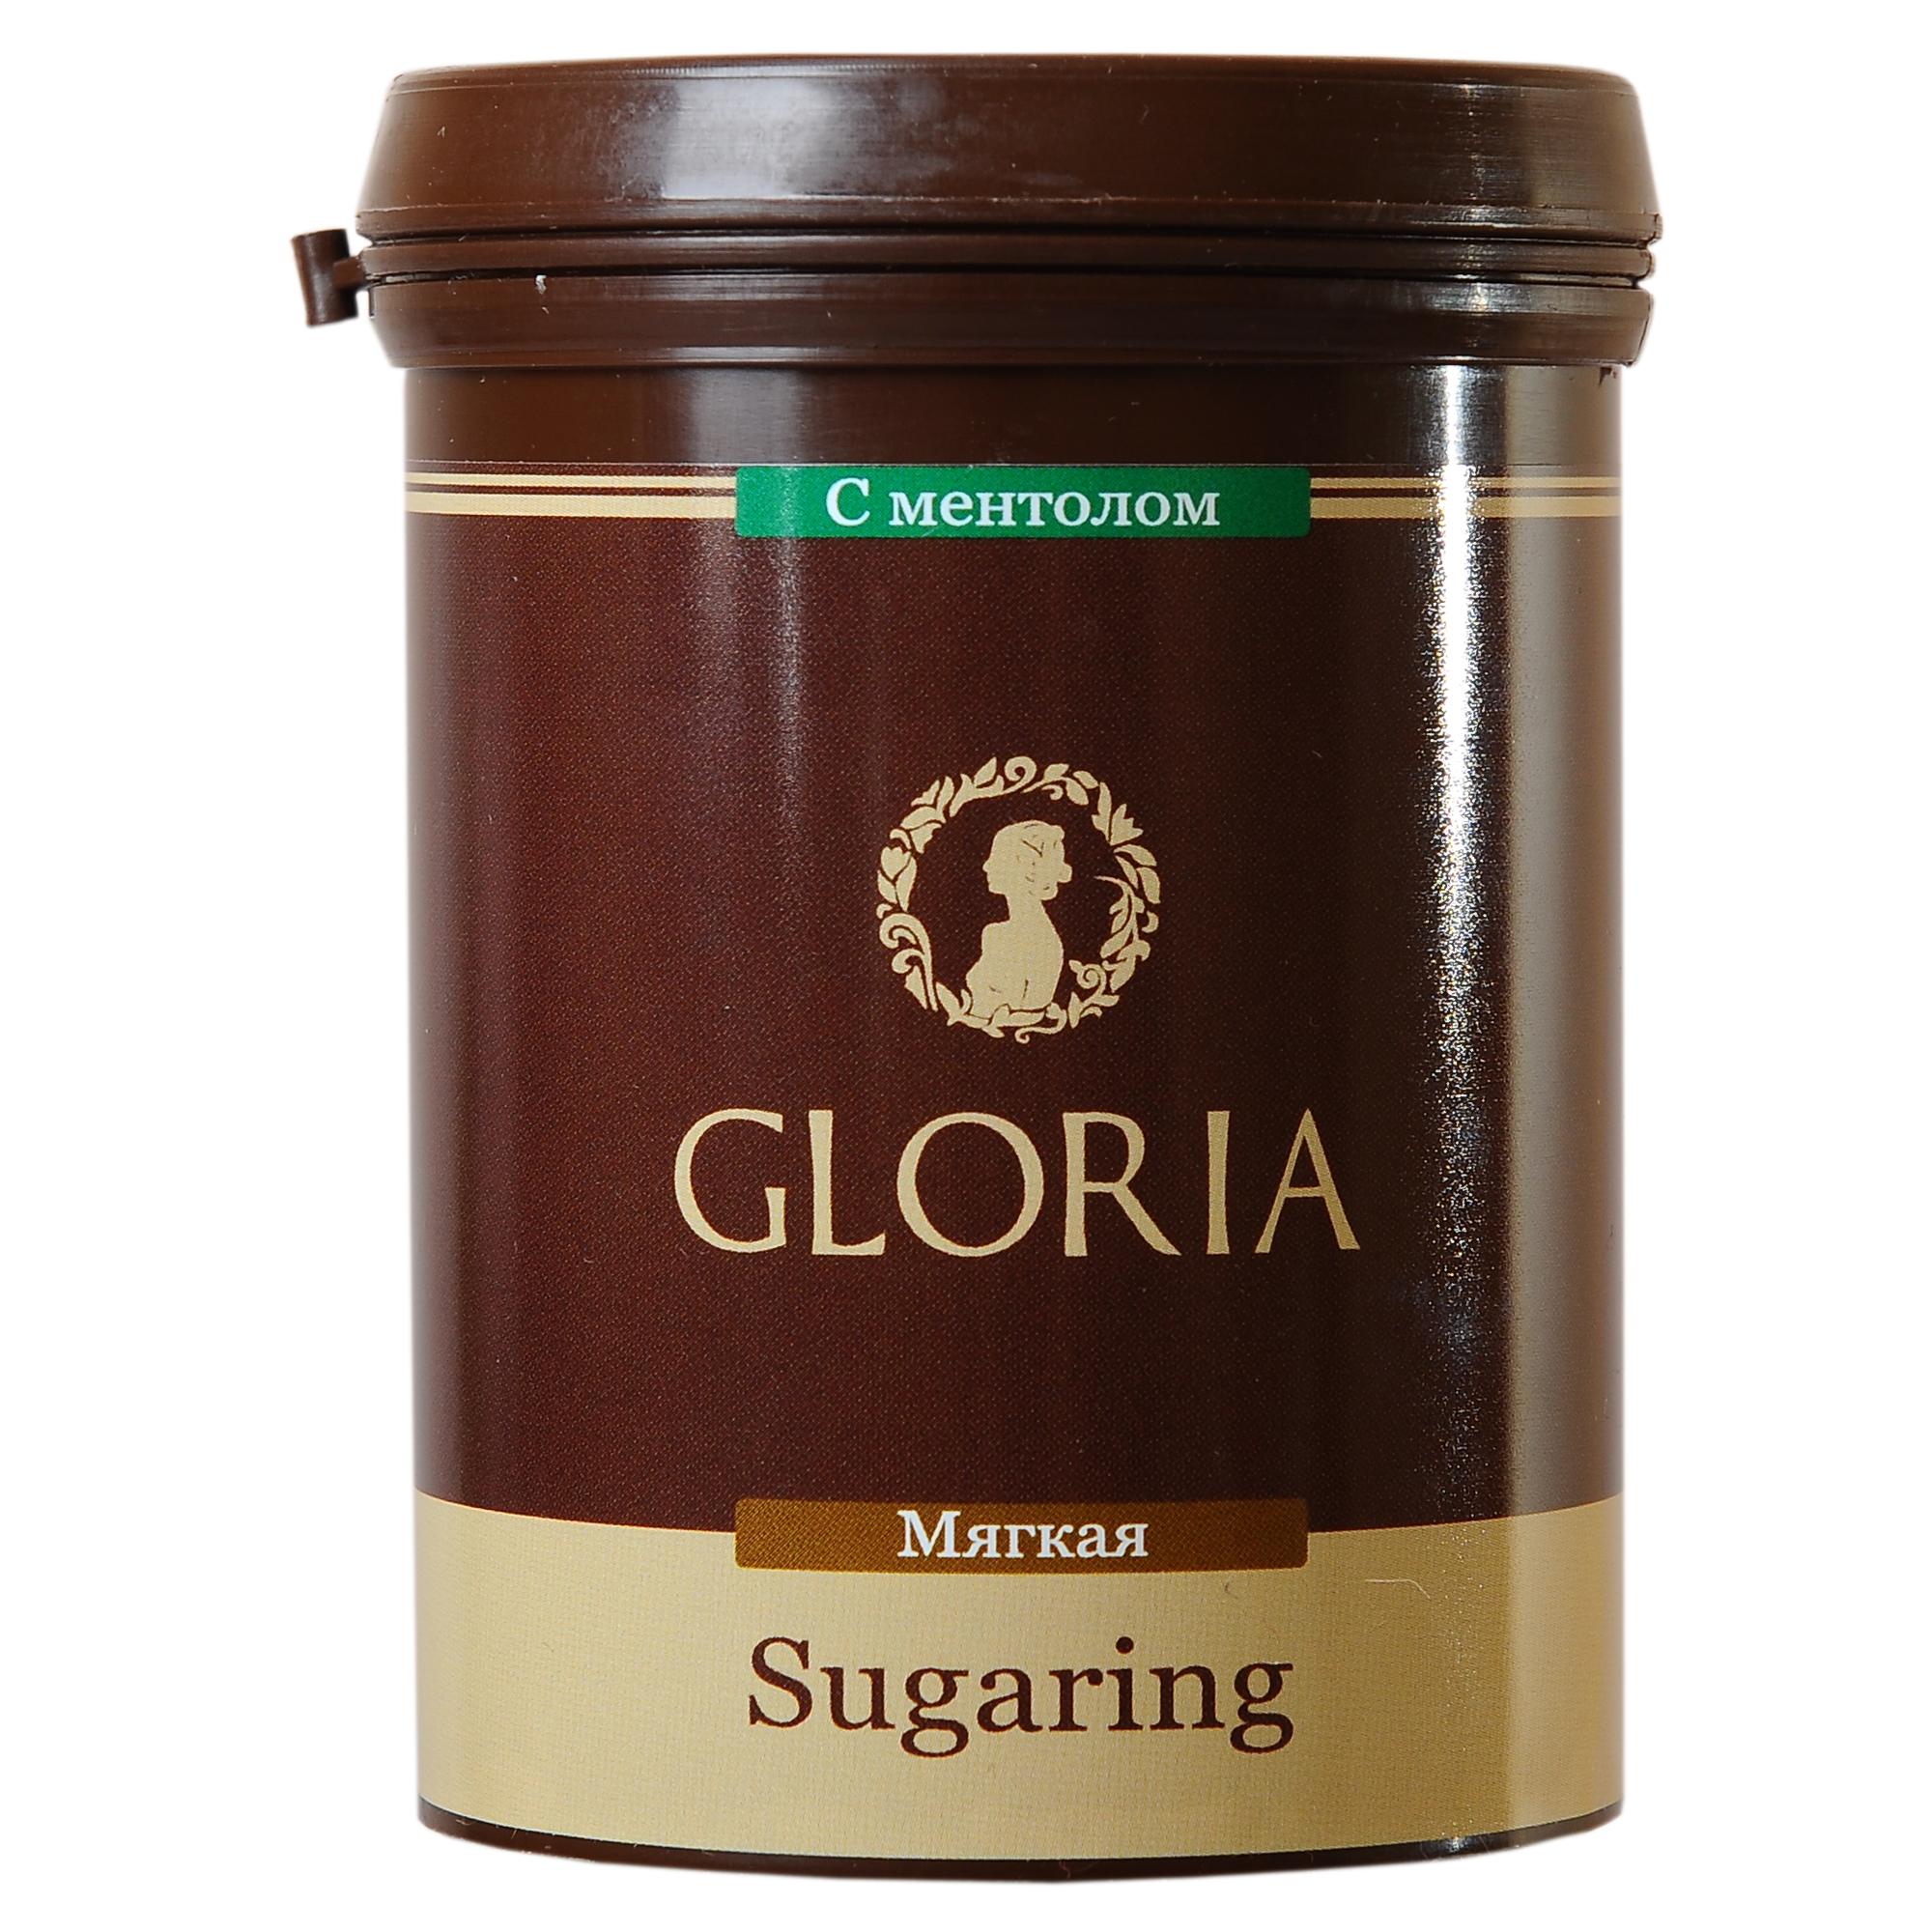 GLORIA Паста для шугаринга Gloria ультра мягкая с ментолом 0,33 кгСахарные пасты<br>Ультра-мягкая паста для шугаринга Gloria (глория) с ментолом - это одна из самых мягких сахарных паст в линейке Gloria. Подходит для работы шпателем и бандажной техникой. Отлично удаляет пушковые и умеренно жесткие волоски. Обеспечивает высокую скорость работы мастера. Отлично подходит для эпиляции в домашних условиях. Активные ингредиенты: вода, глюкоза, фруктоза, лимонный сок. Способ применения:&amp;nbsp;на предварительно очищенную и обезжиренную кожу нанести небольшое количество пасты в направлении, противоположном направлению роста волос. Резким движением оторвать пасту вместе с нежелательными волосками, второй рукой натягивая кожу в противоположную сторону. По окончании процедуры остатки пасты удалить влажной салфеткой. Количество процедур: 10-12<br><br>Объем: 0.33 кг<br>Консистенция: Мягкая